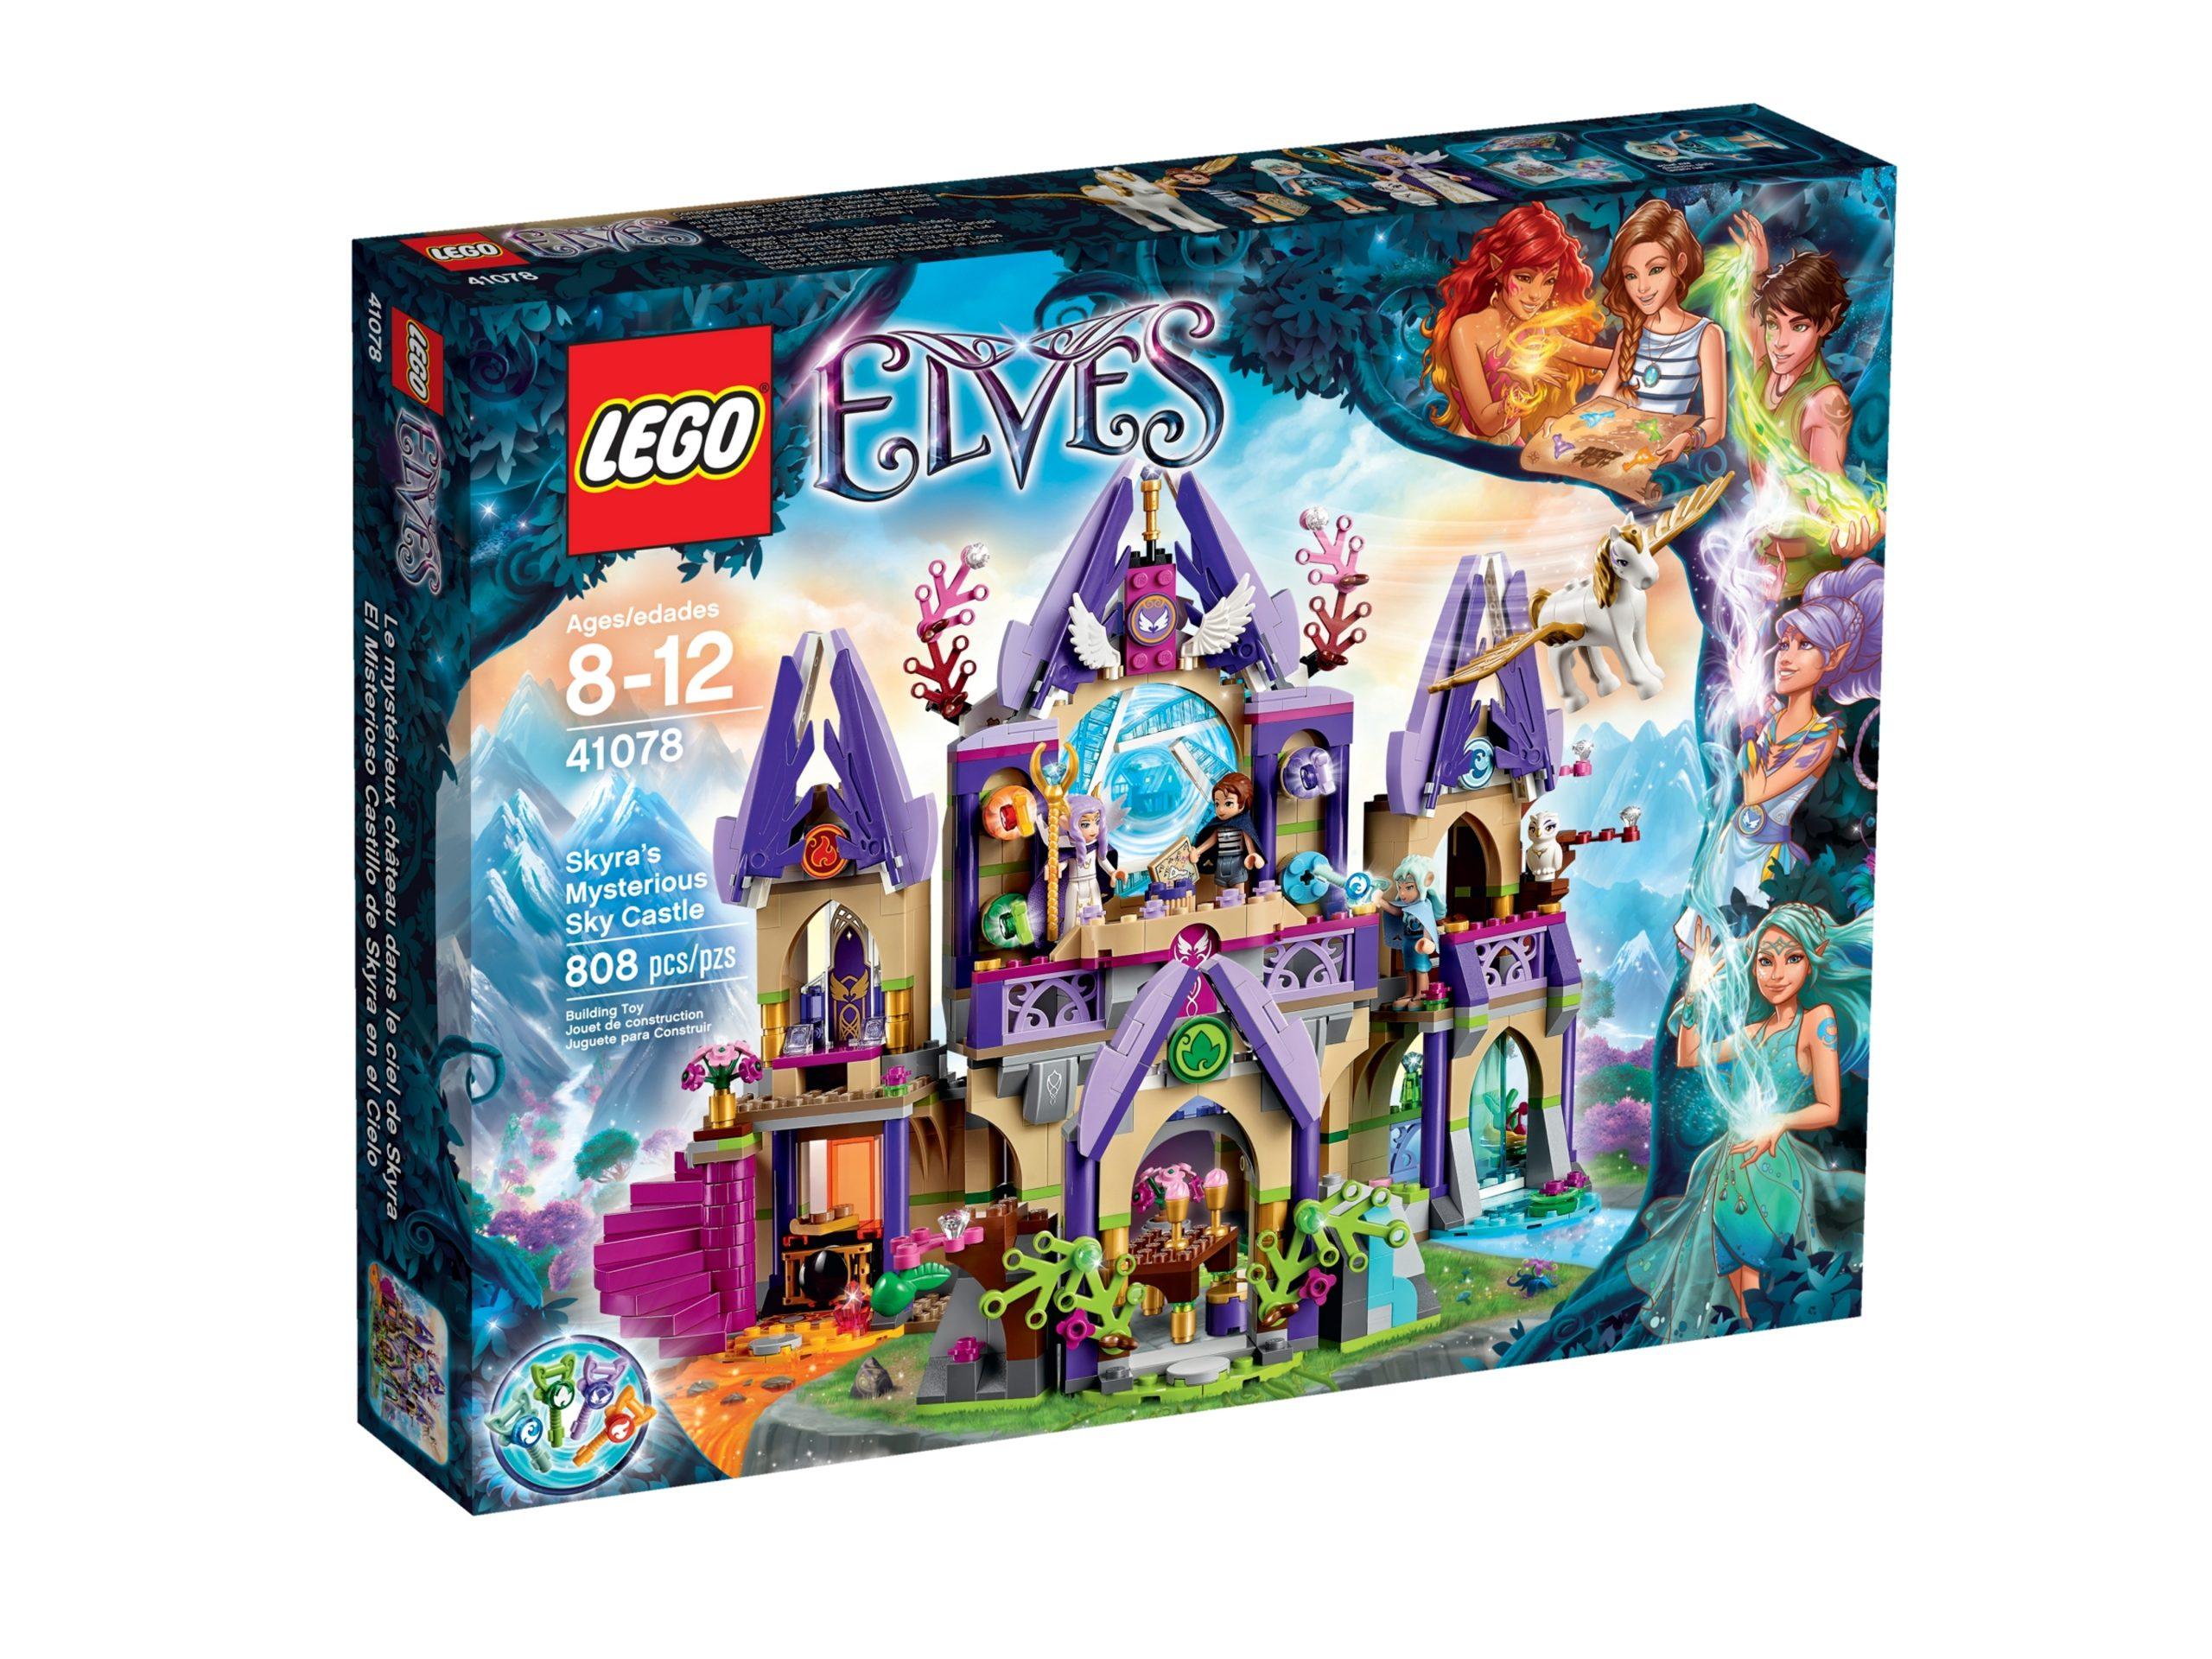 lego 41078 skyras mysterious sky castle scaled